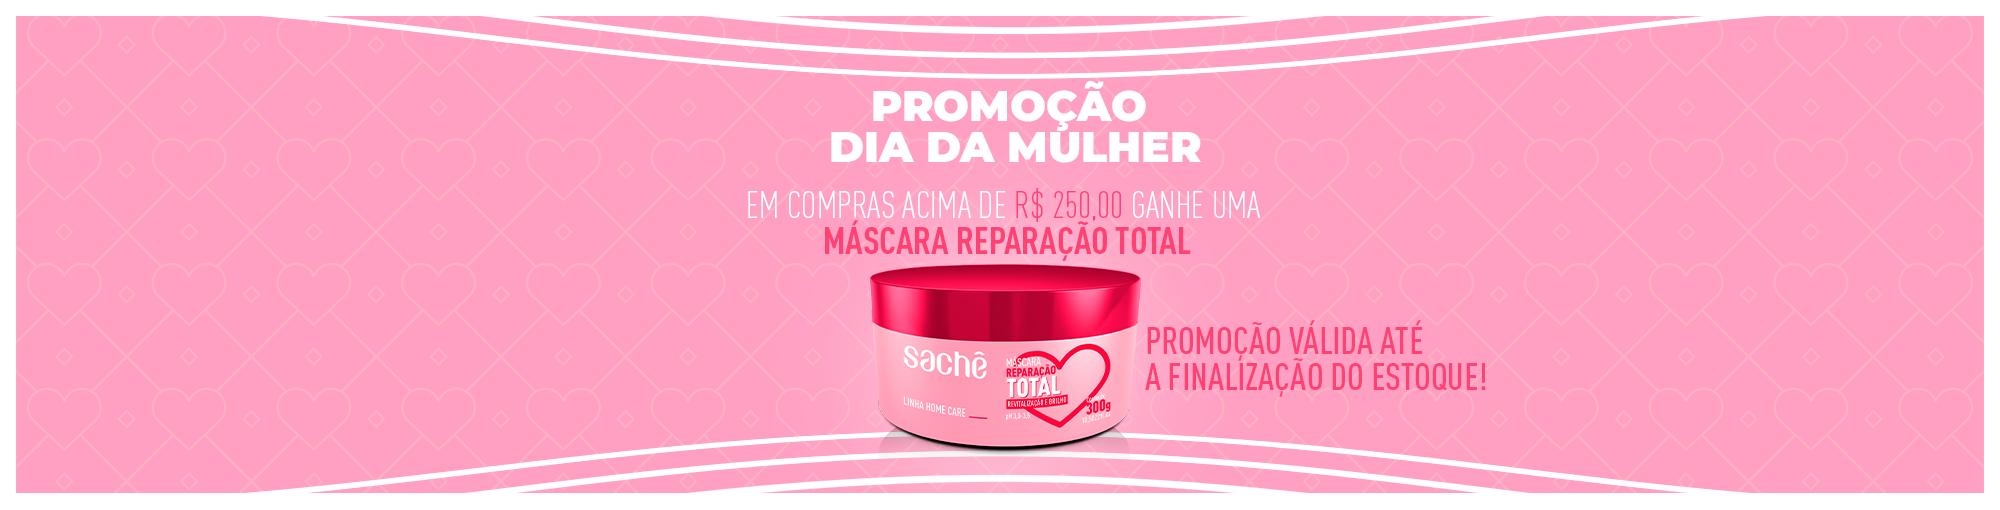 Promoção Dia da Mulher - Brinde para compras acima de R$ 250,00